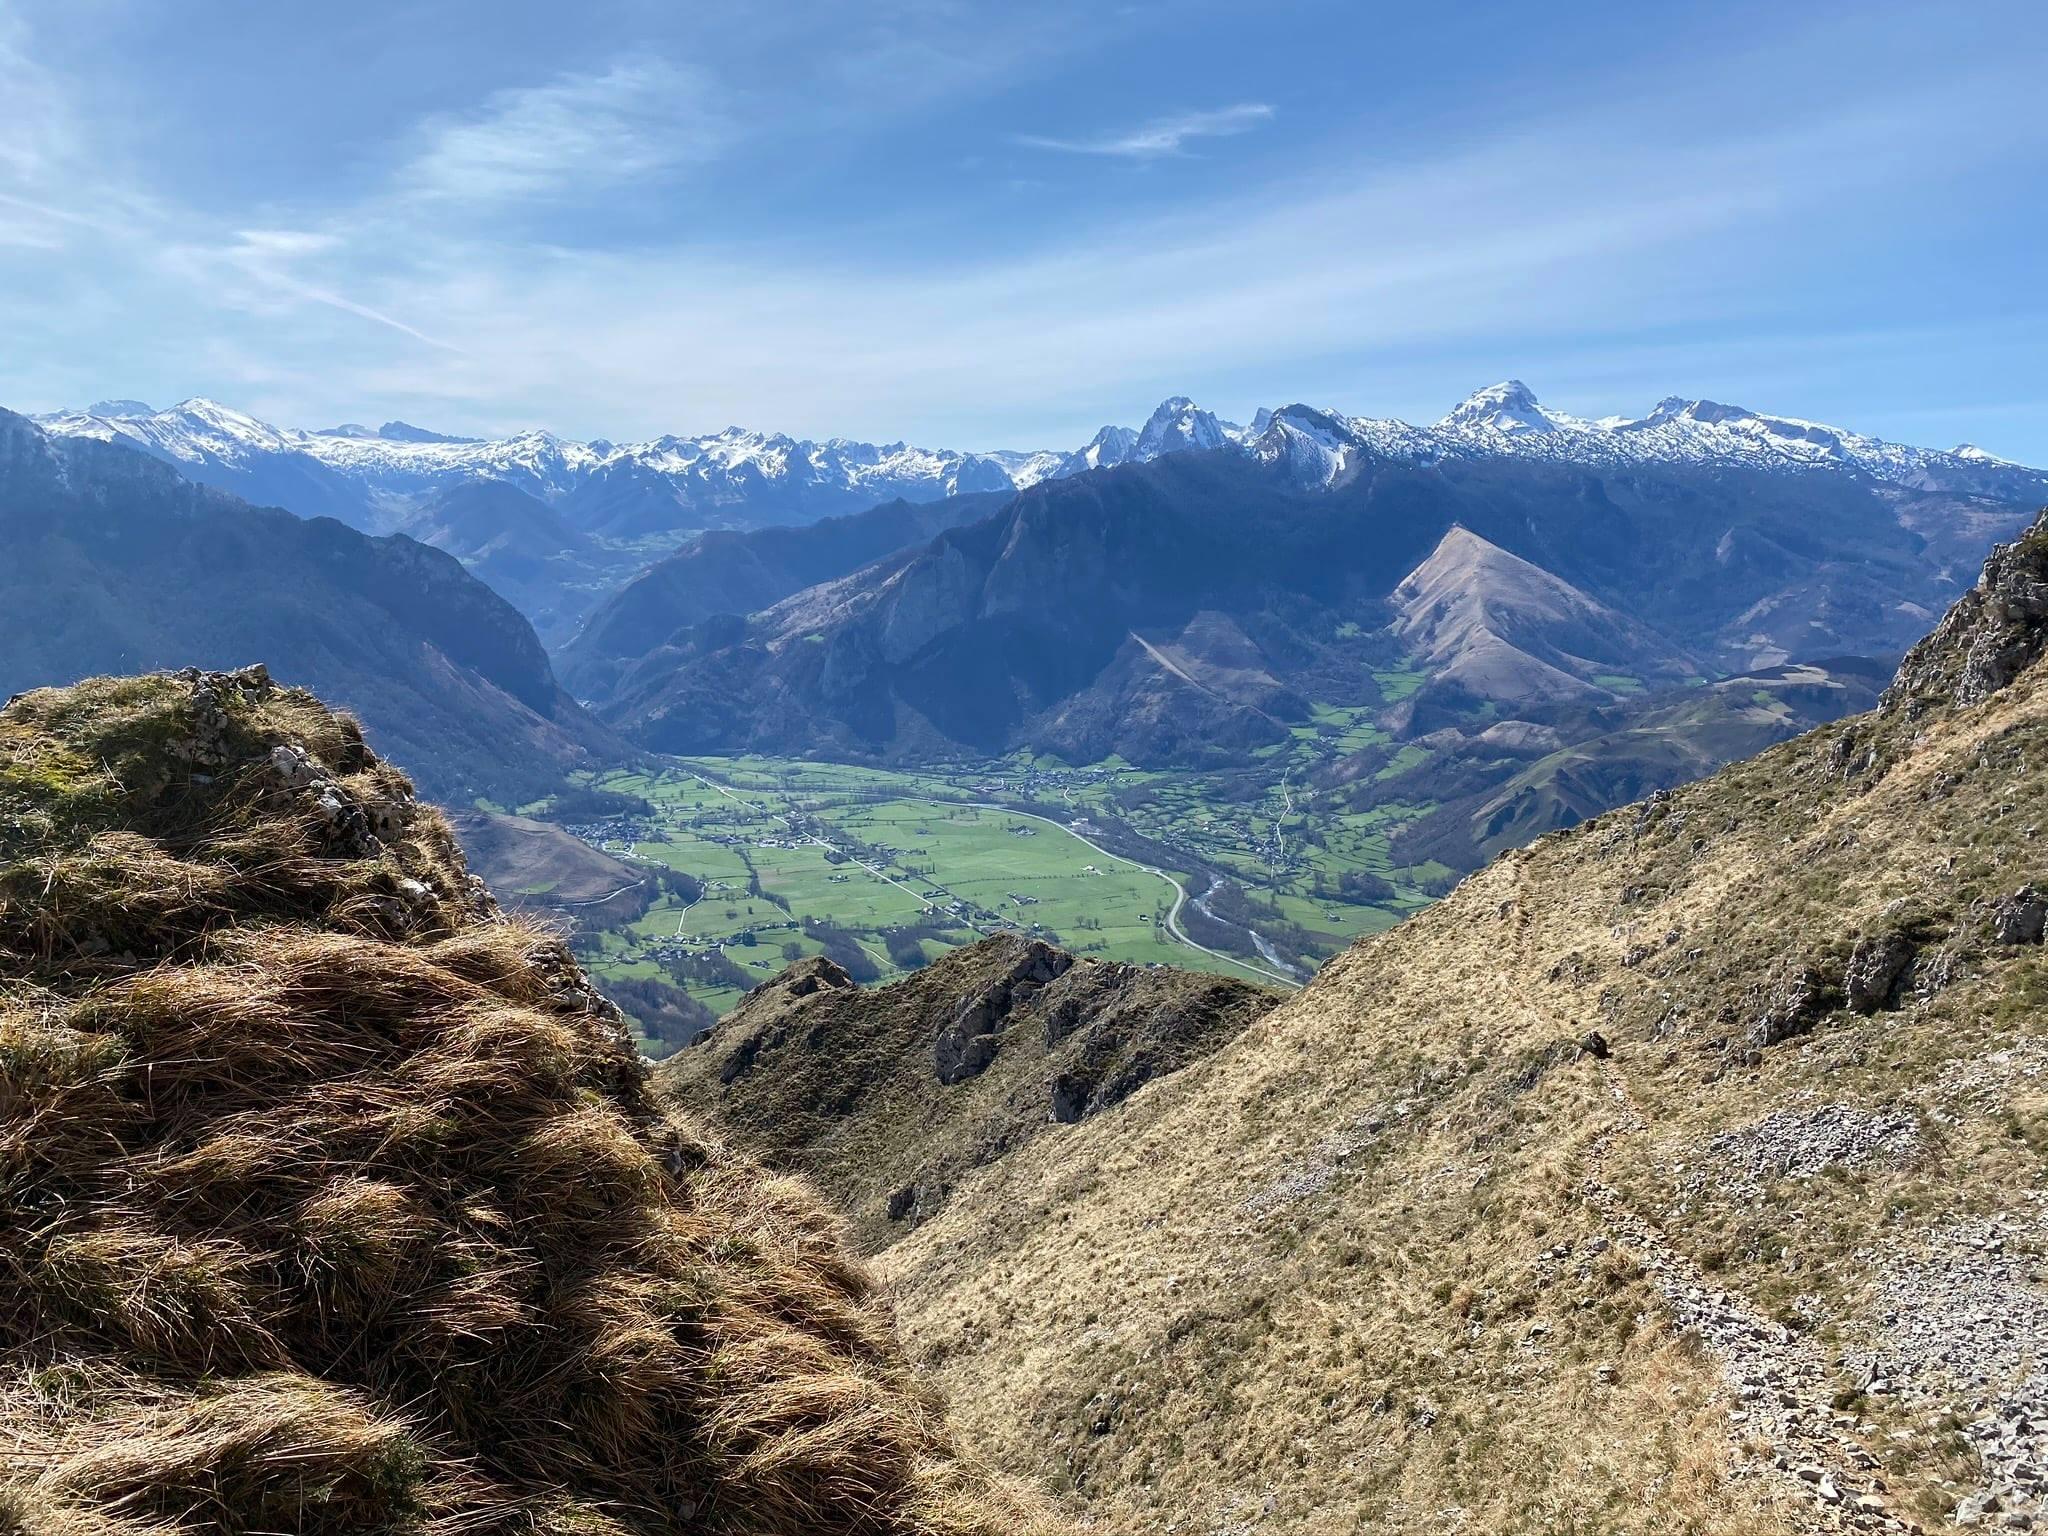 Un dernier regard en arrière sur la plaine de la vallée d'Aspe